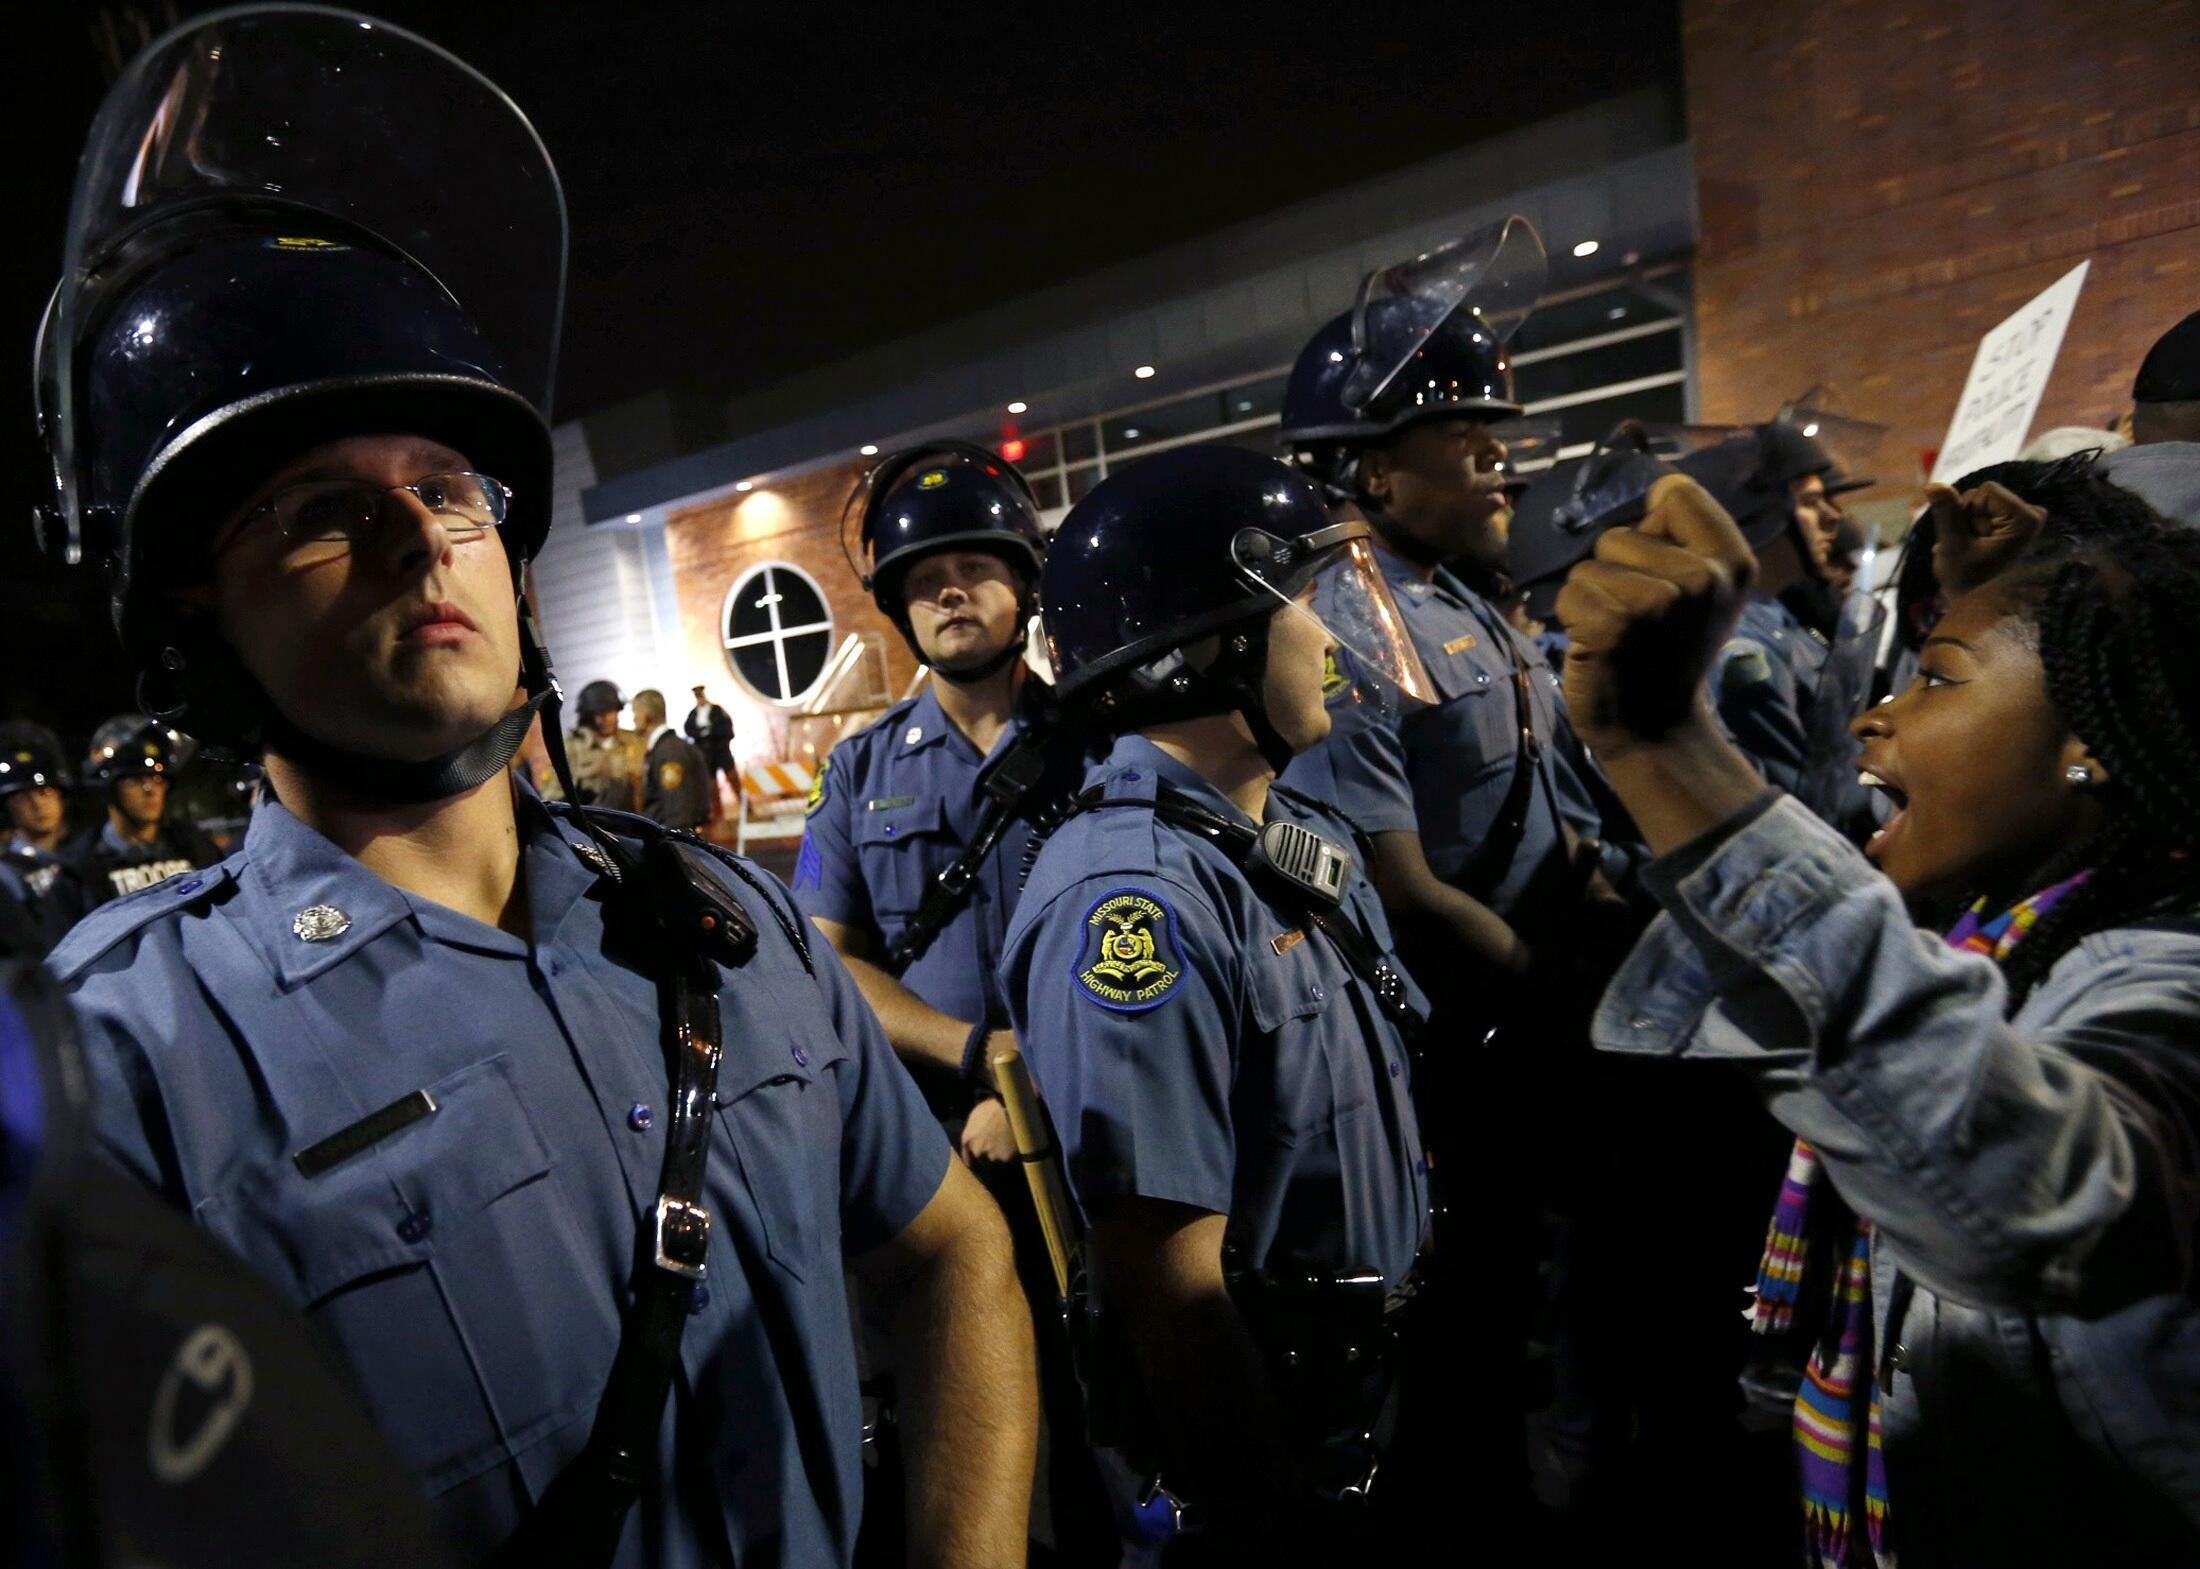 Des manifestants face à la police à Ferguson, le 10 octobre 2014.